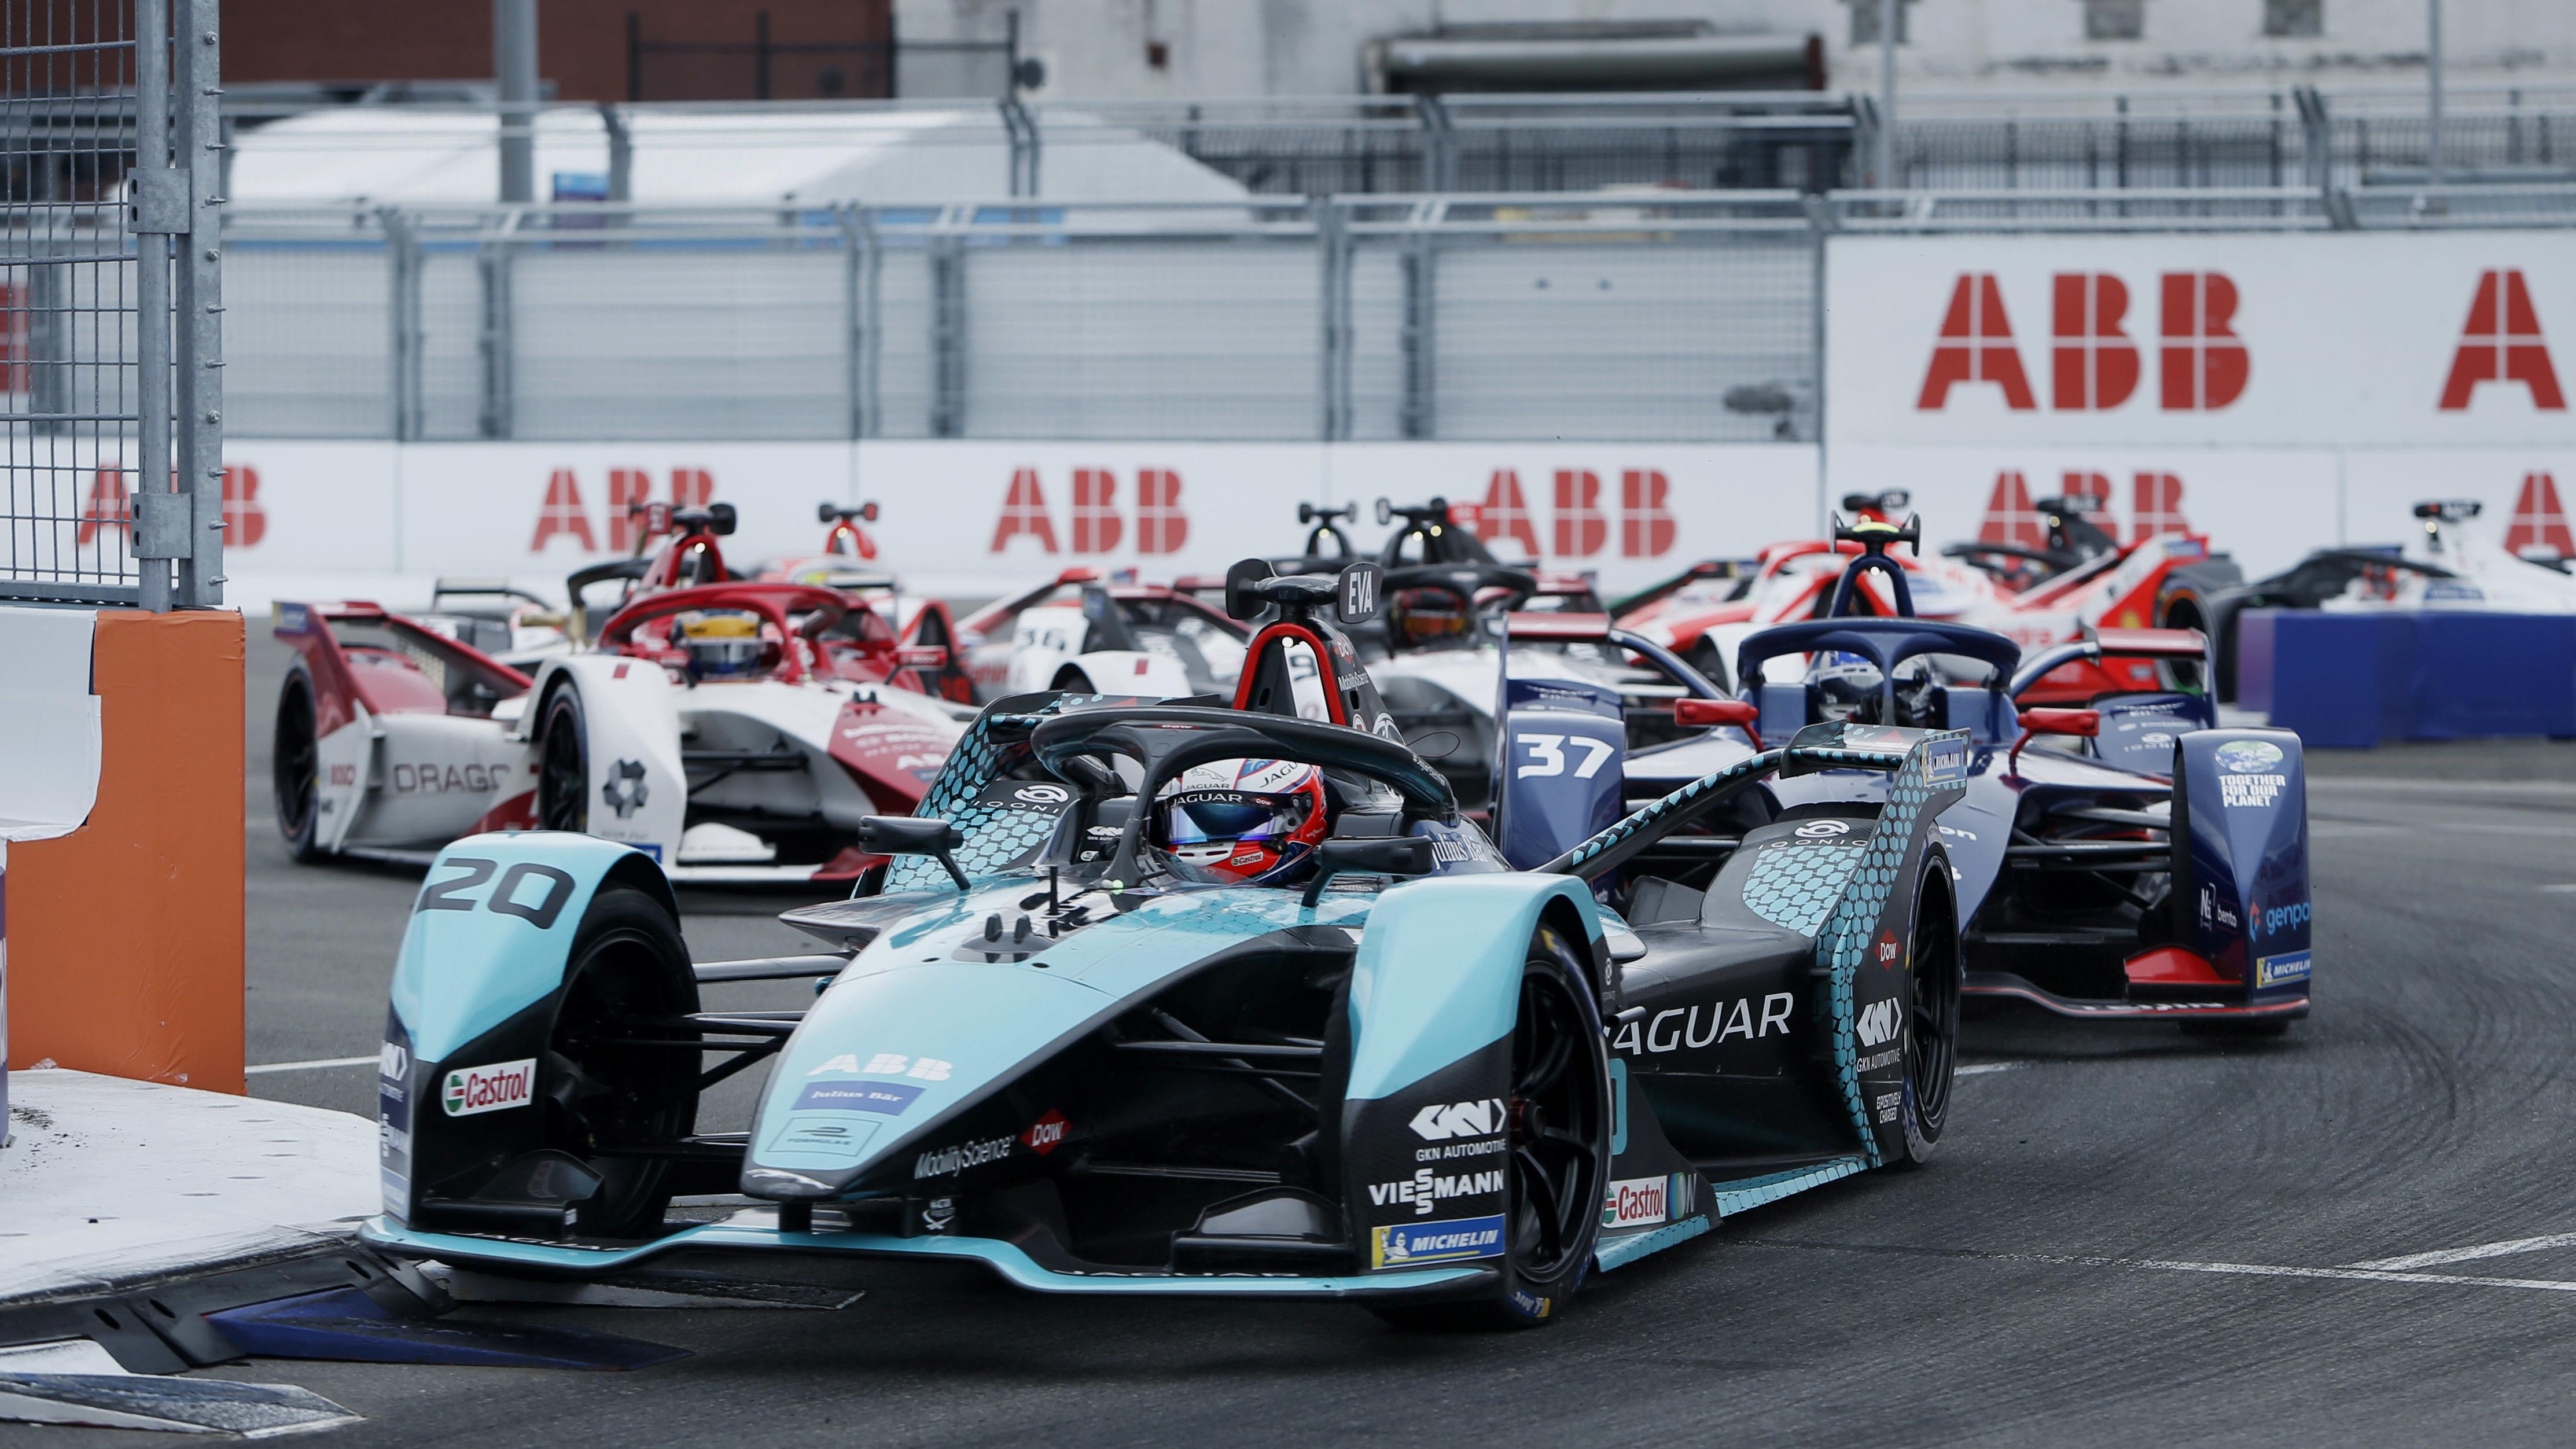 vehicle racing